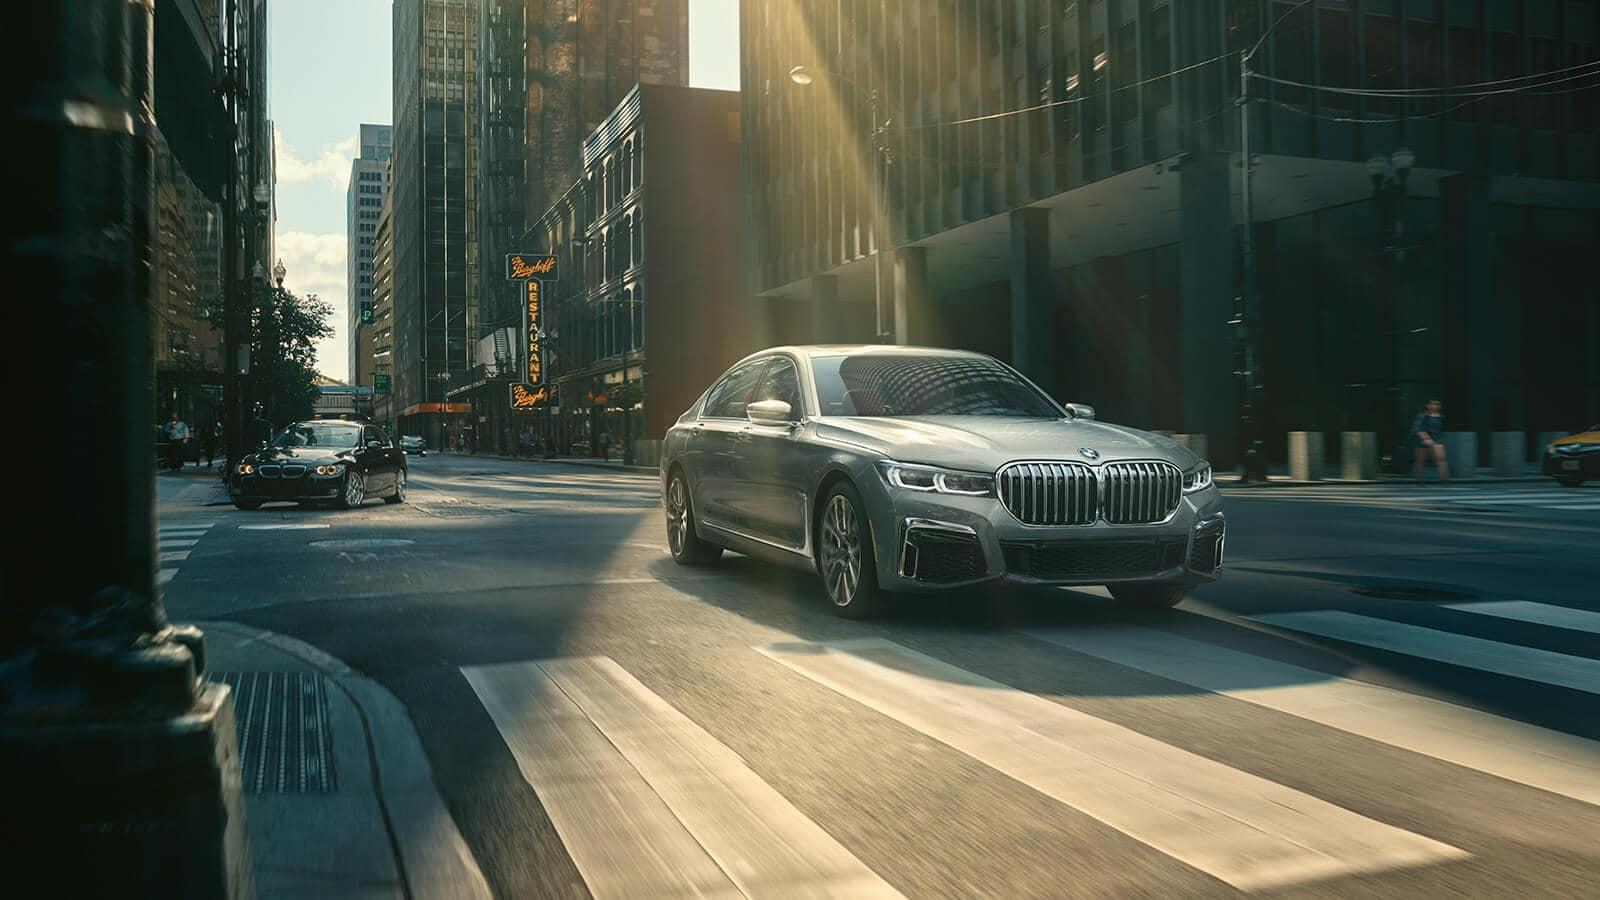 2020 BMW 7 Series vs 2019 Audi A8 in Shreveport, LA